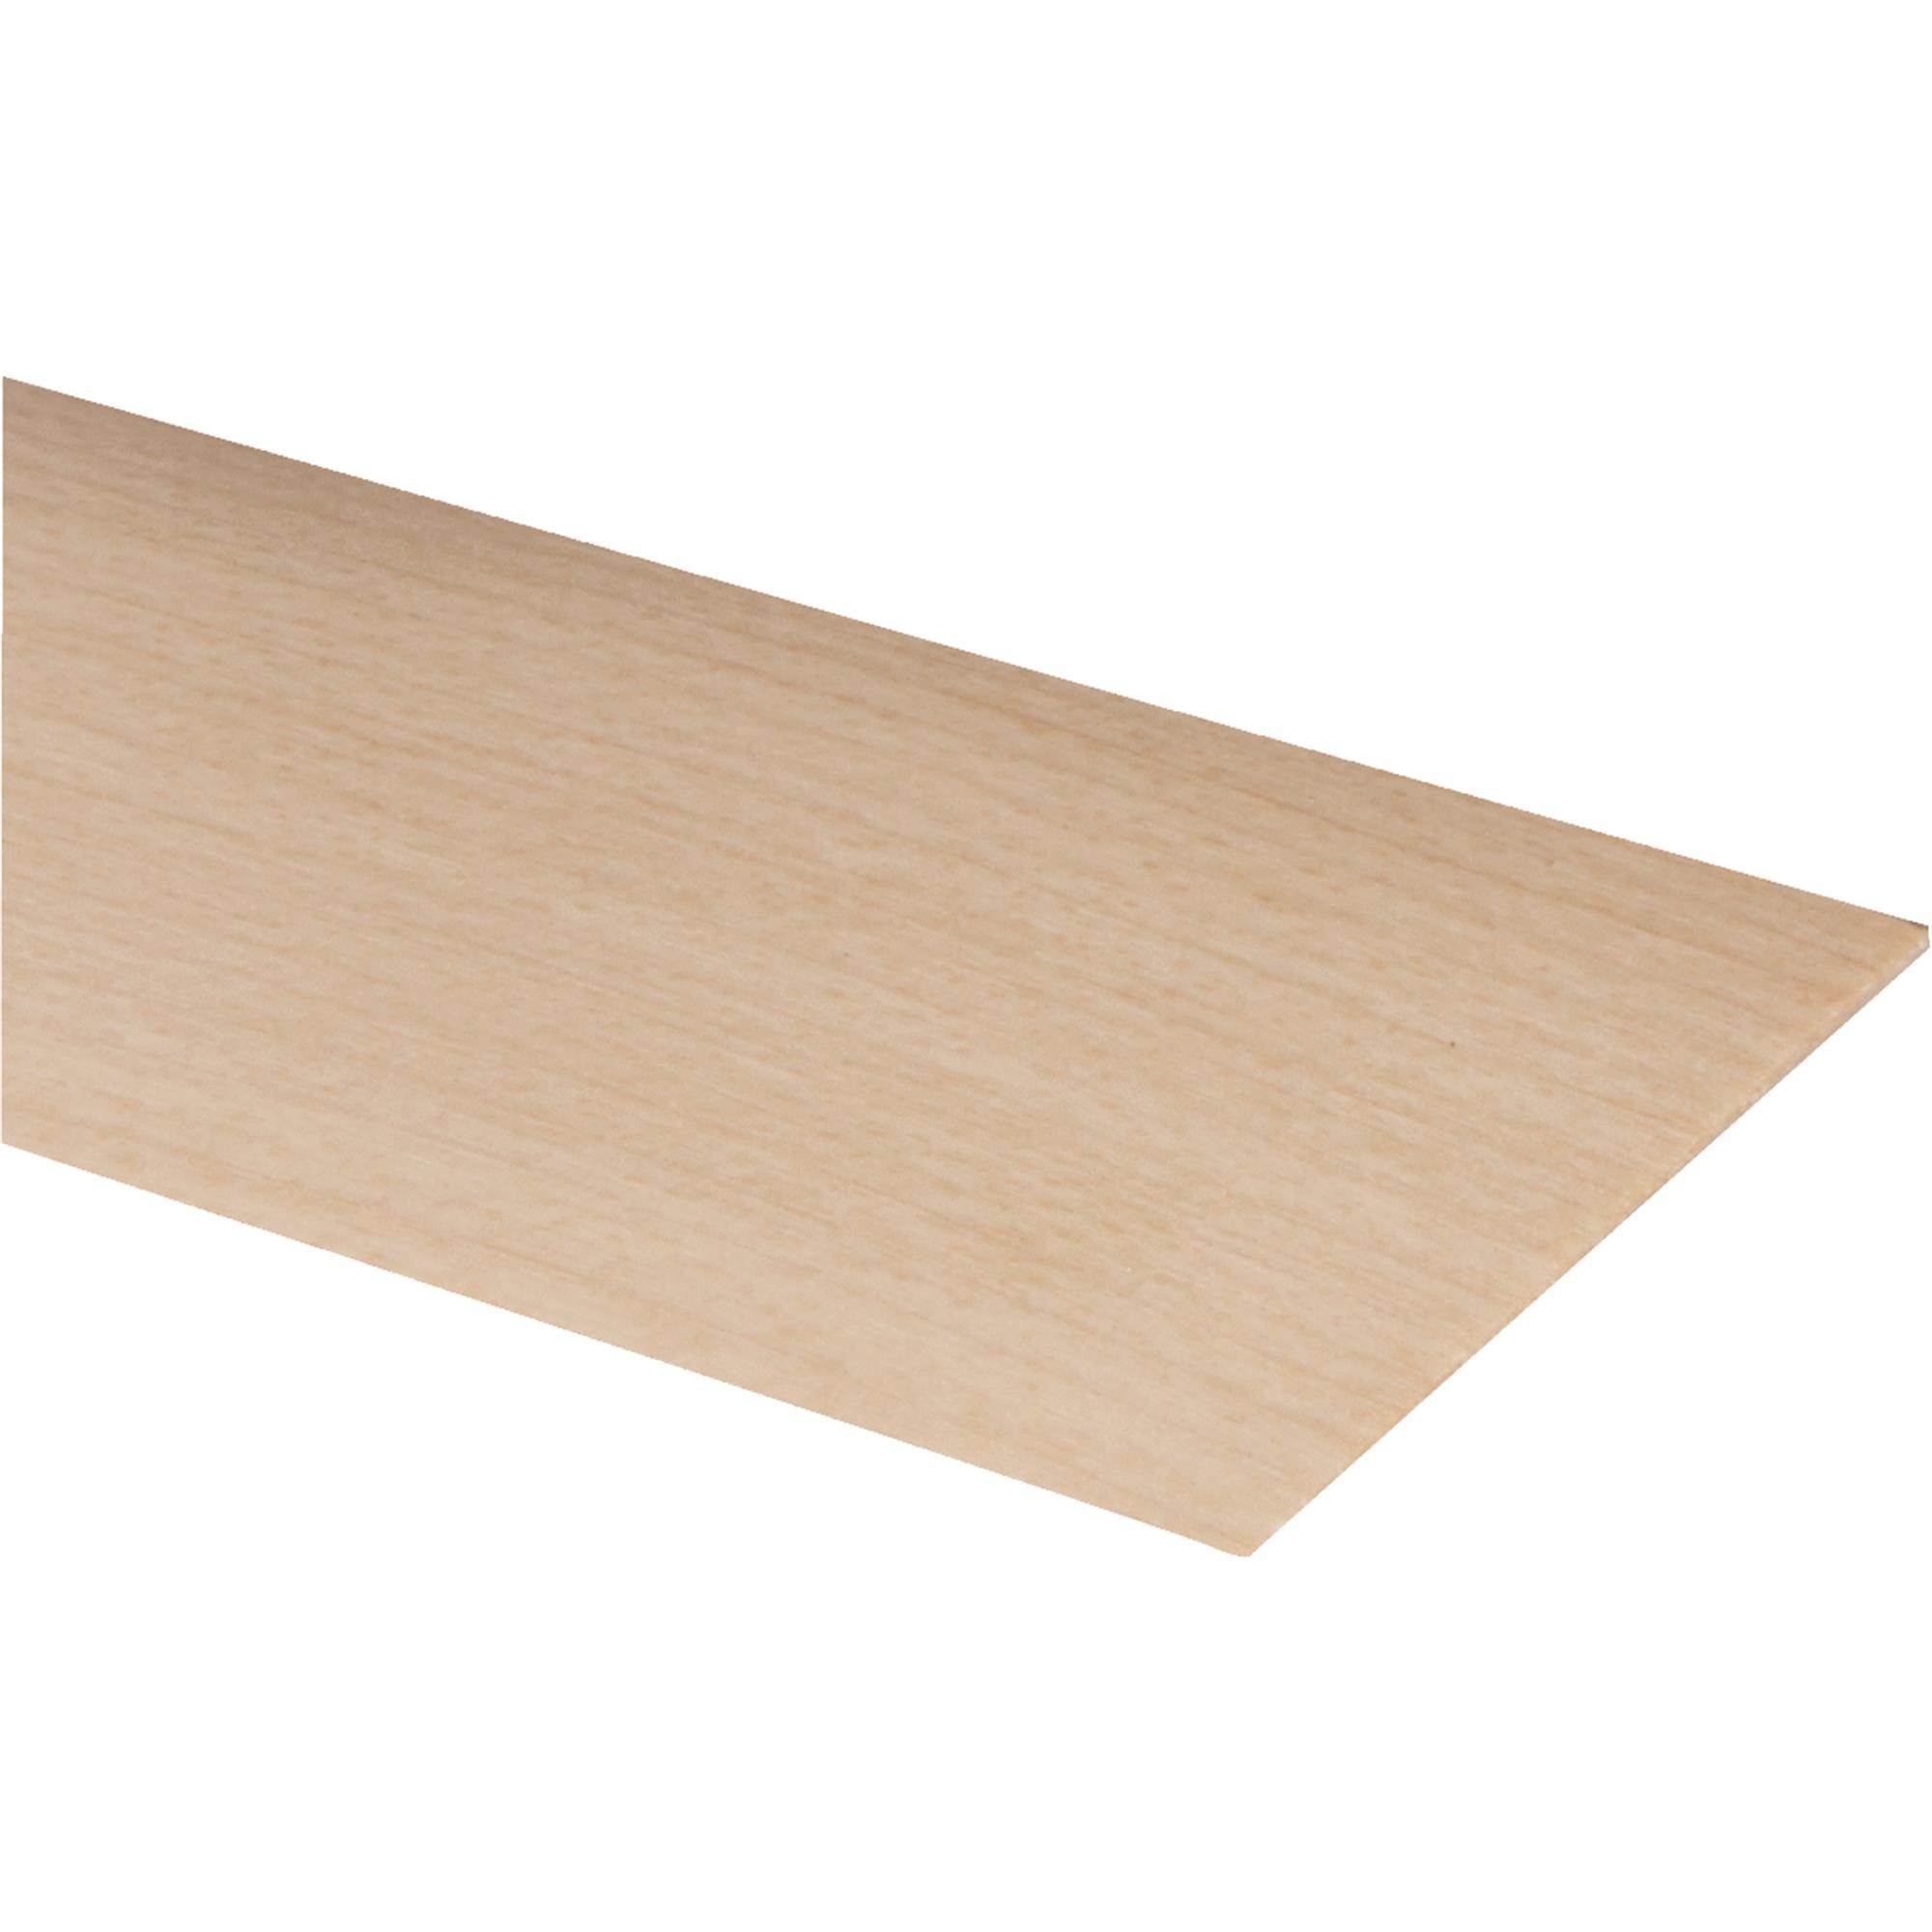 Band It Wood Veneer Edging